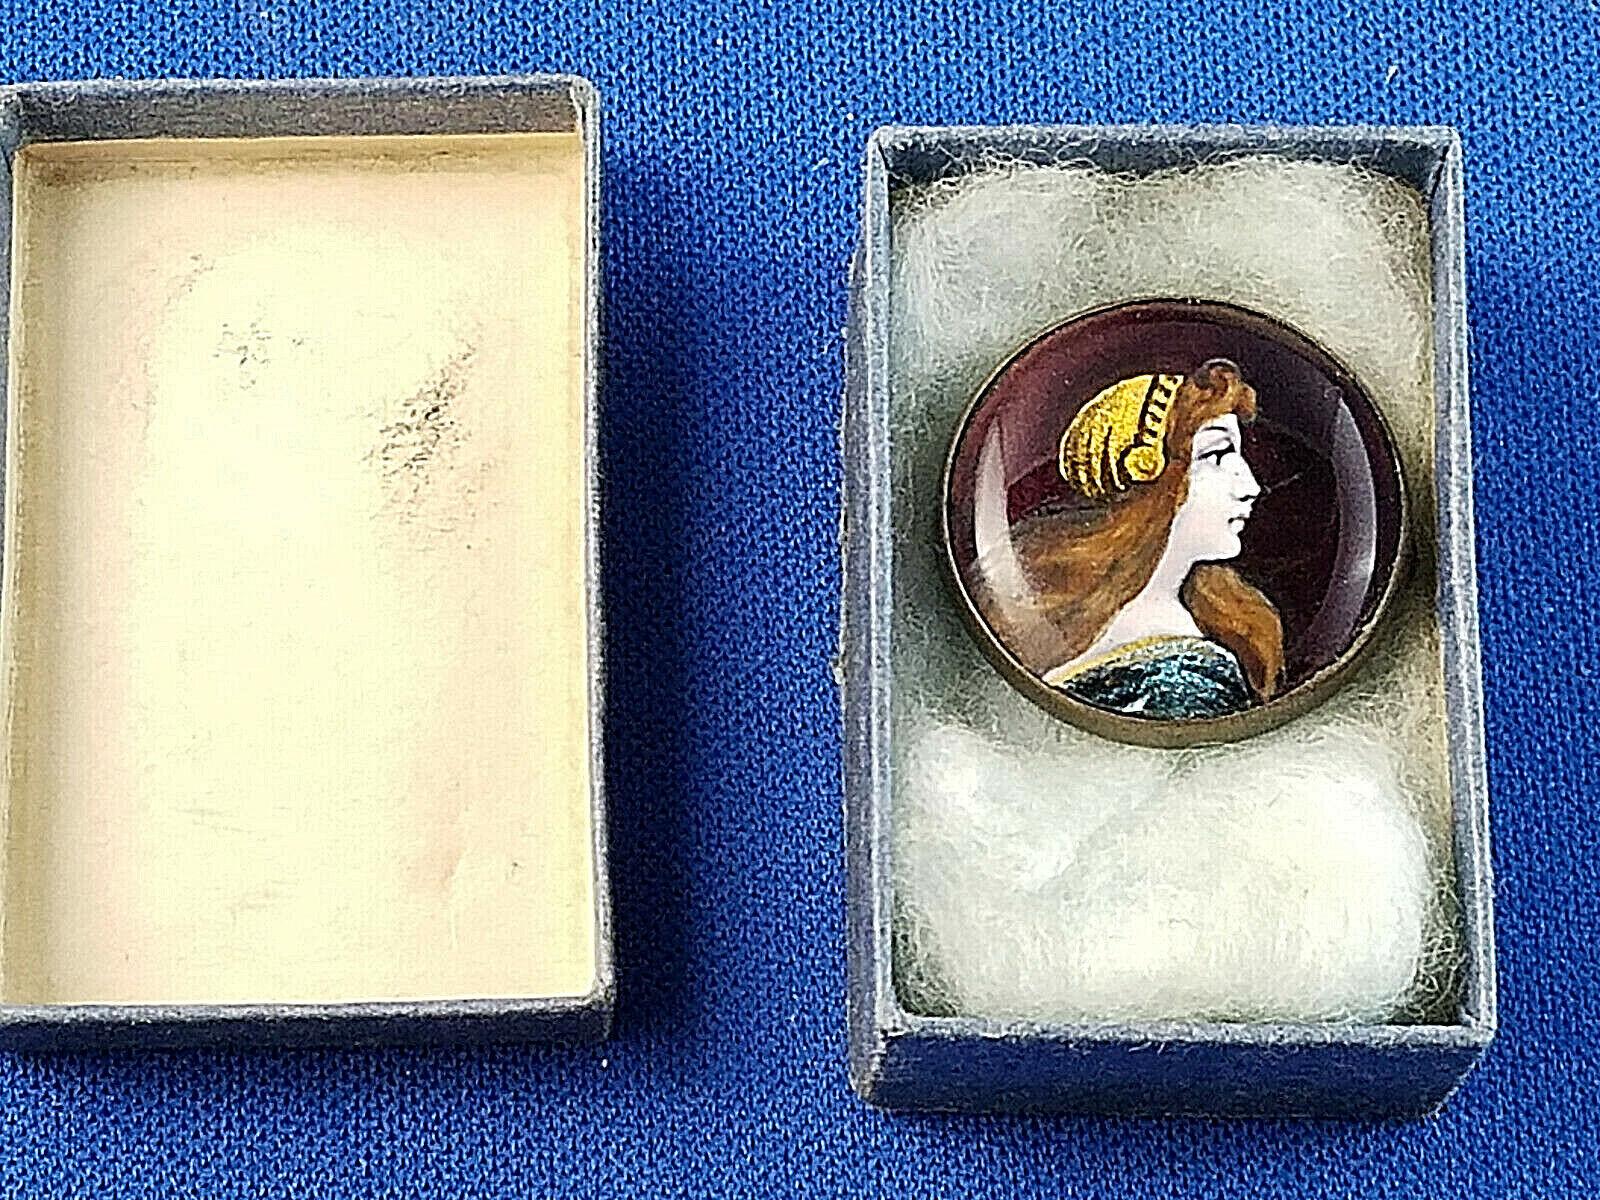 Antique Limoges Signed Enamel Portrait Brooch Pin - image 1